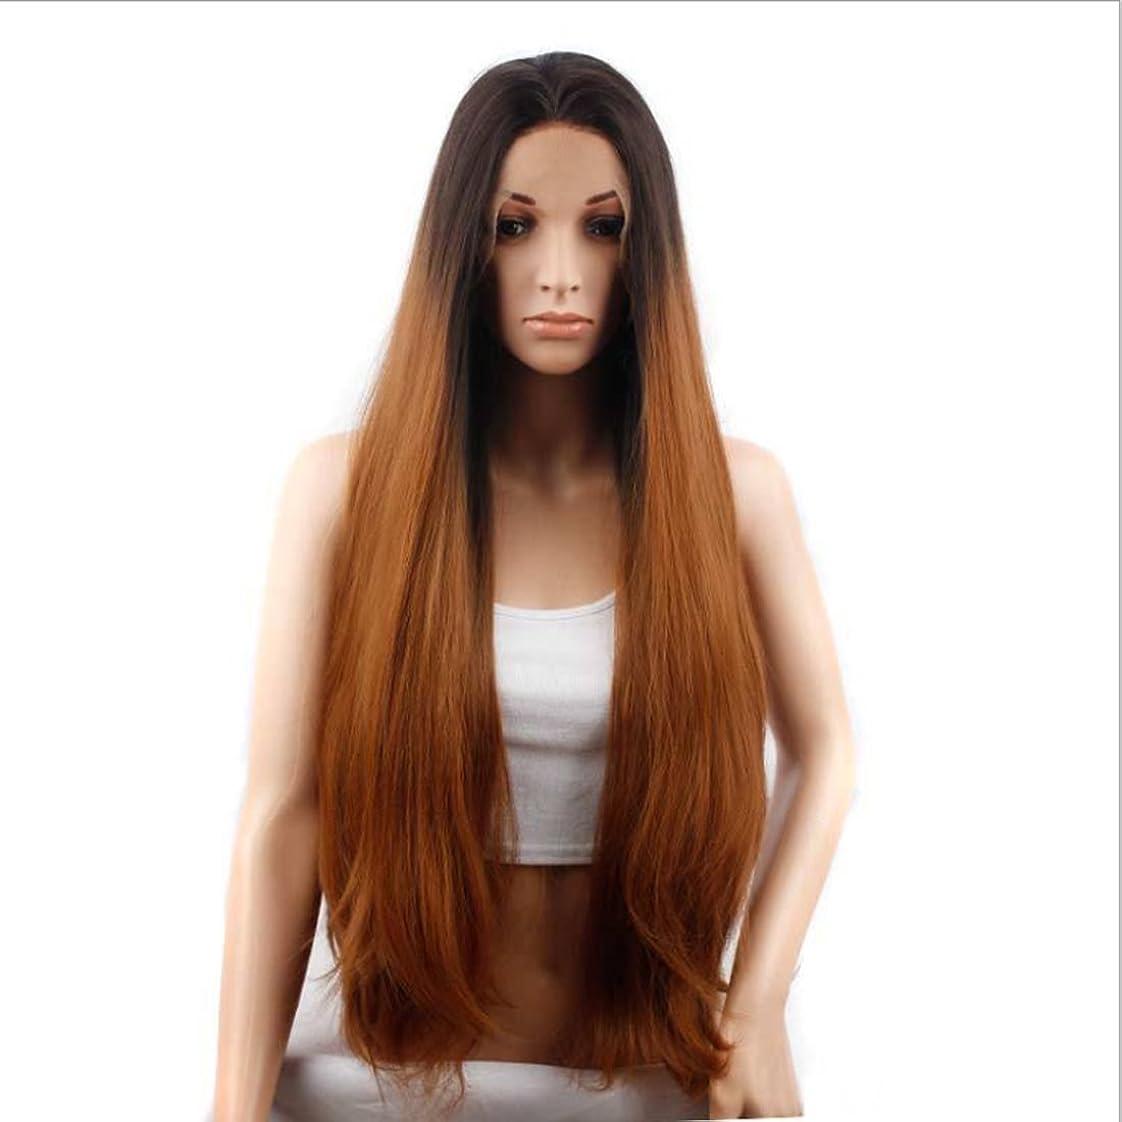 に応じてささいな燃やすDoyvanntgo ボブミディアムロングストレートウィッグ女性レースフロント人間の髪ミディアムバングレースヘアヘアギア非鉄染めレースウィッグ(28インチ/ 29インチ) (サイズ : 30inch)